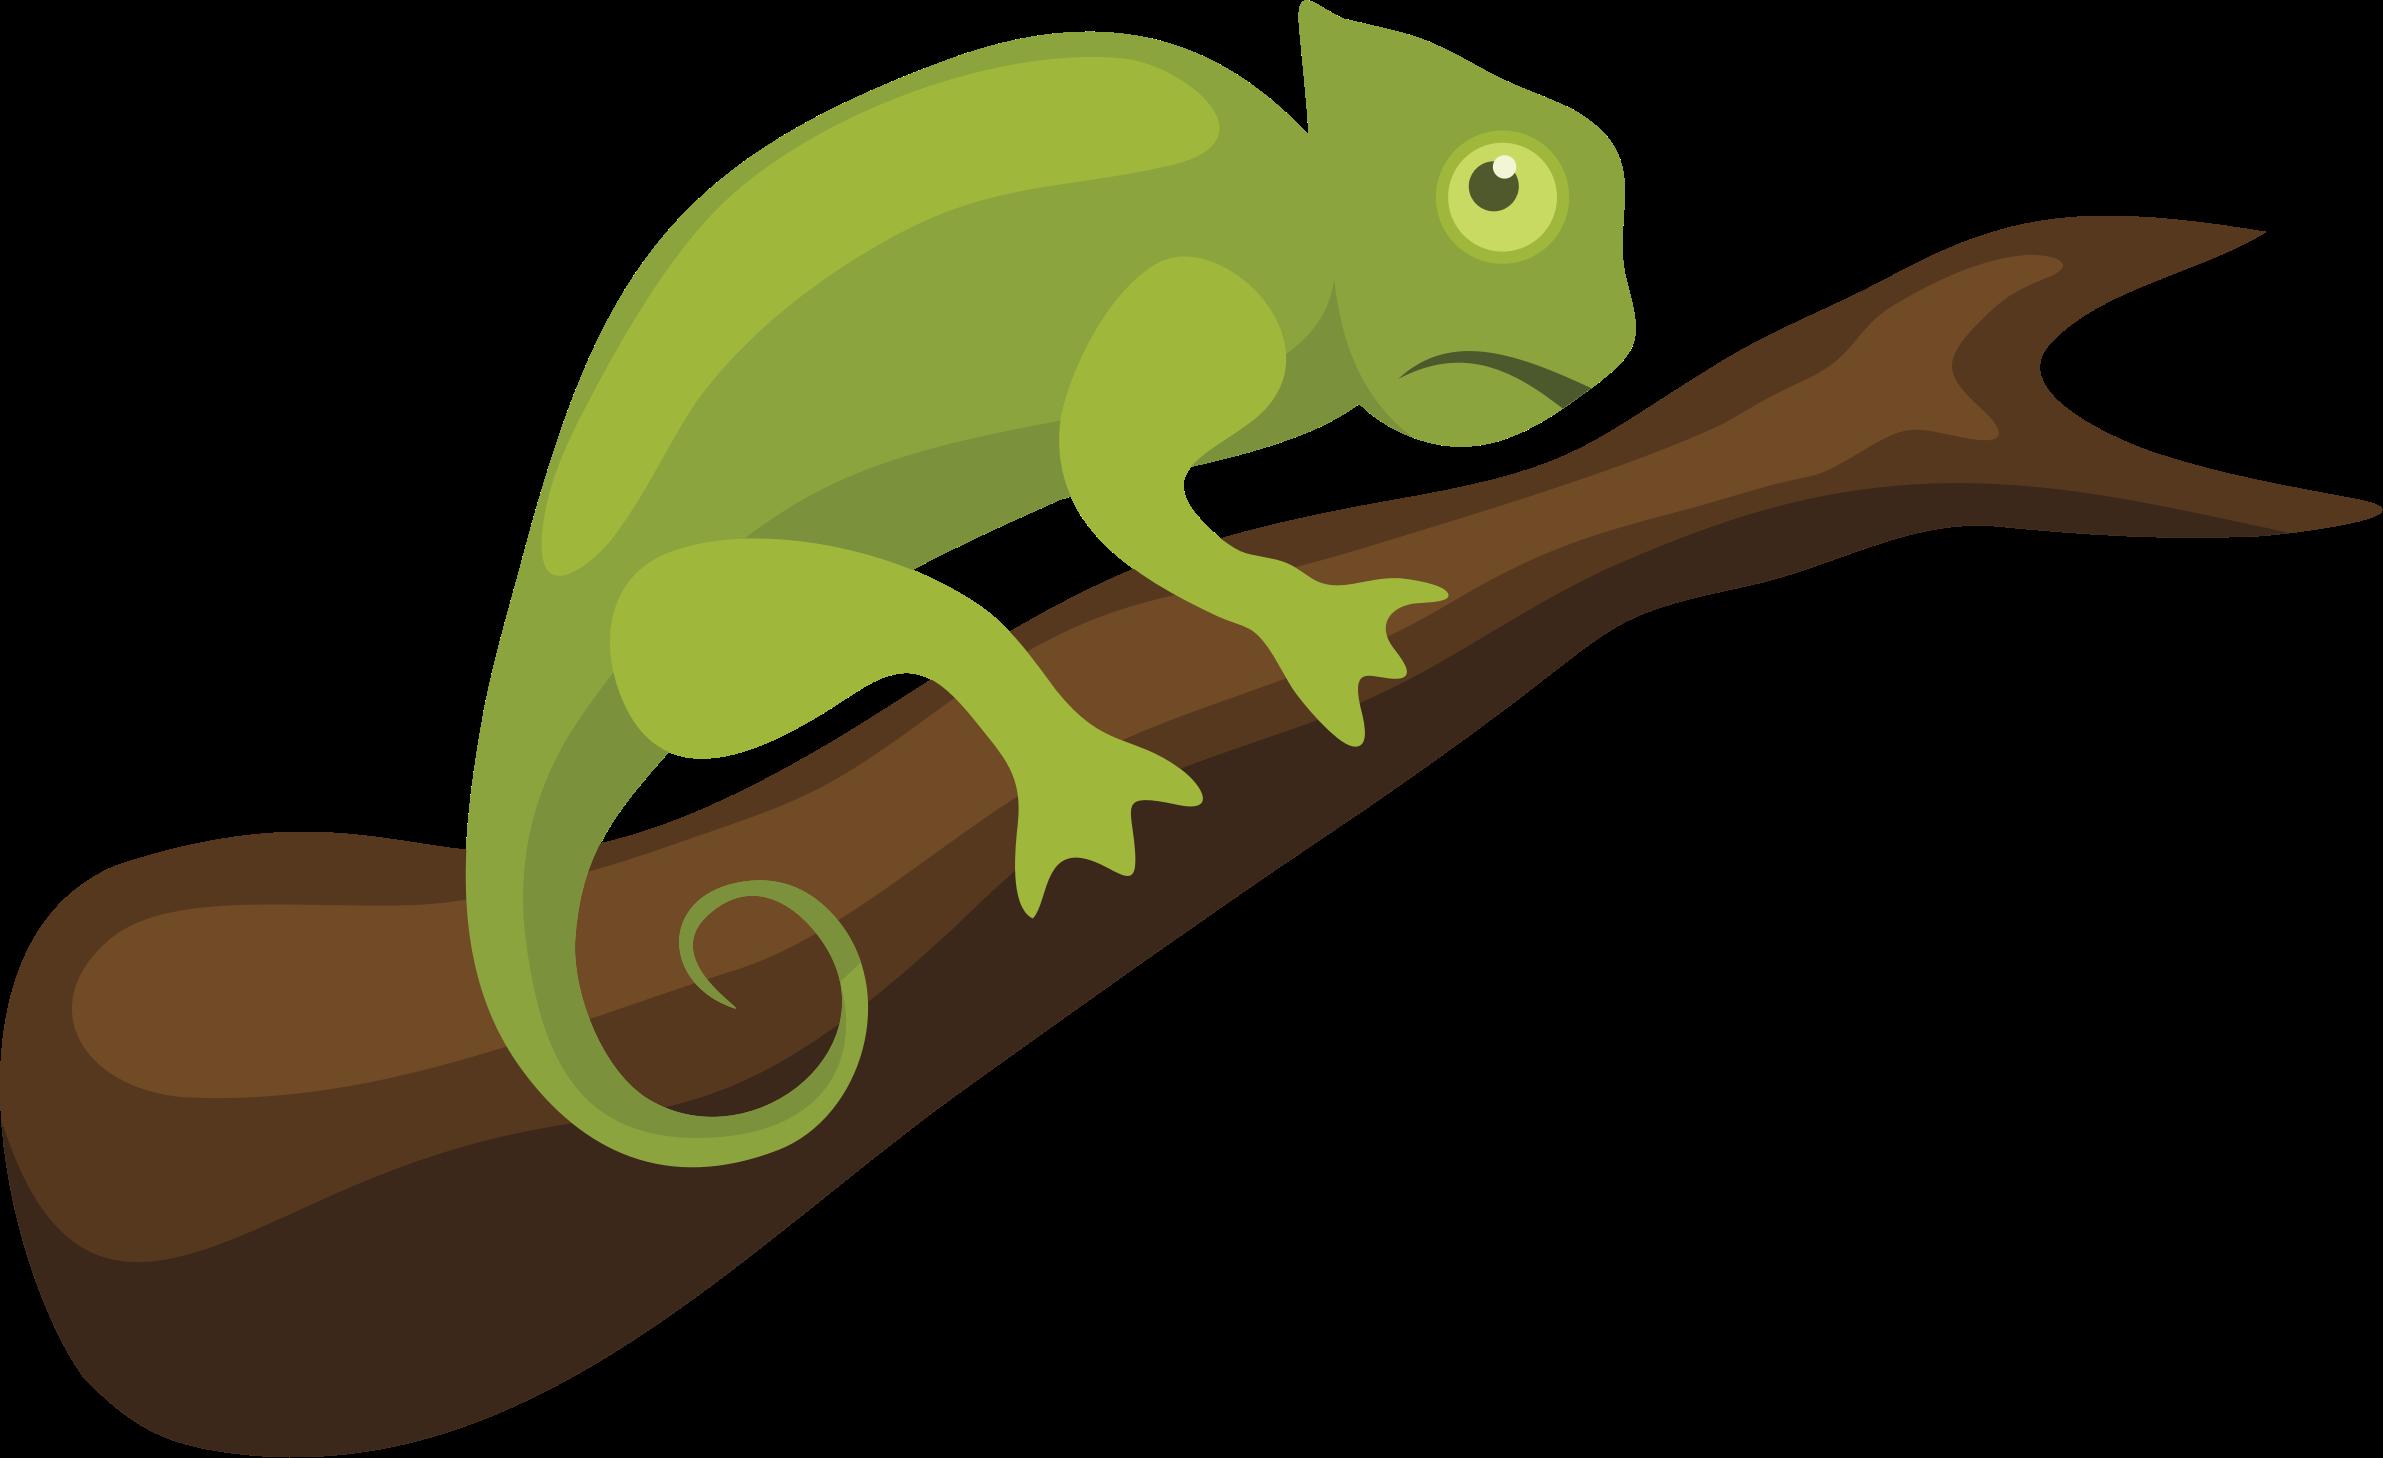 Tongue at getdrawings com. Gecko clipart lagartija